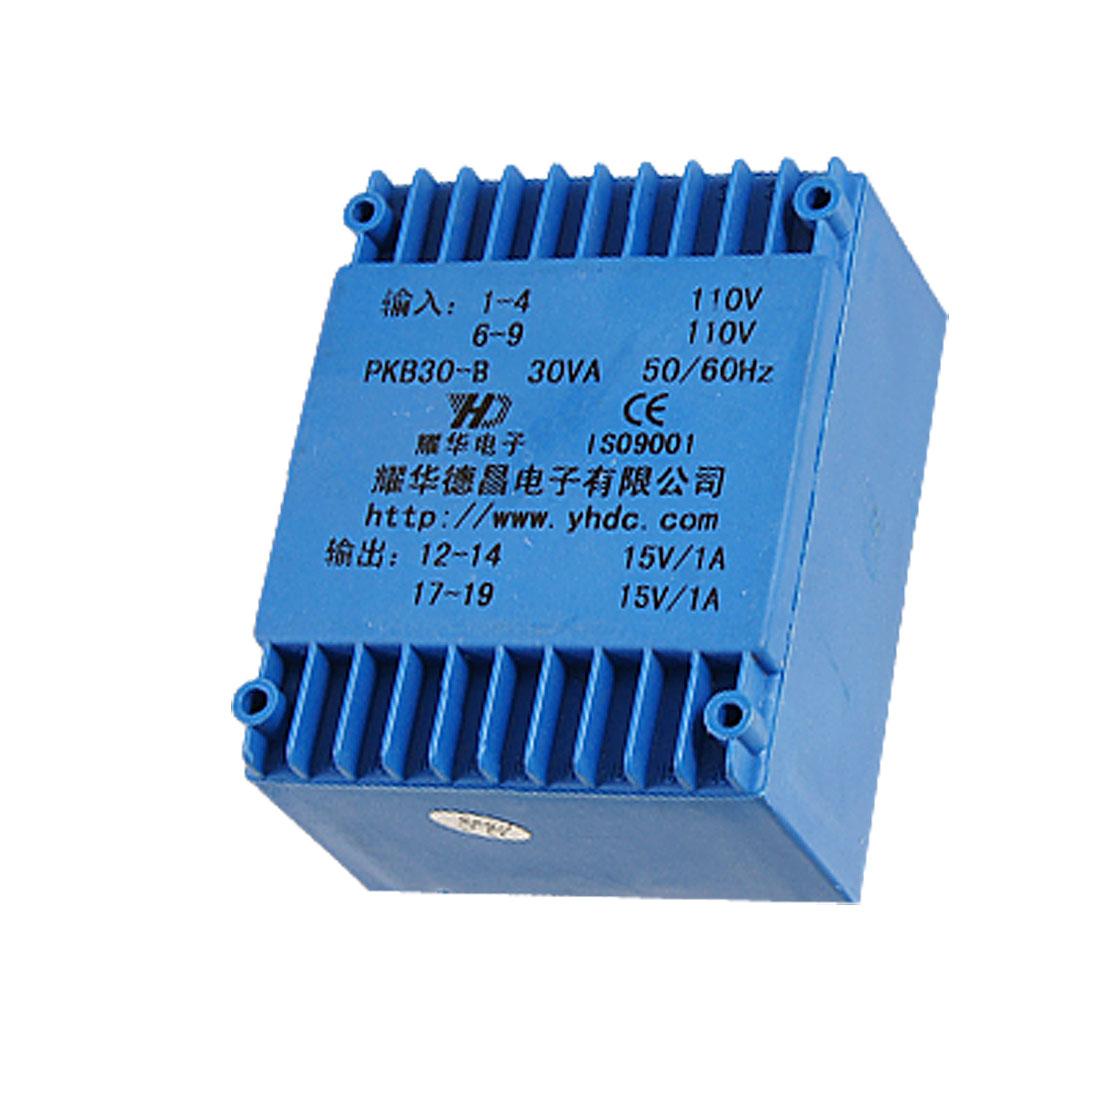 PKB30-B 30VA Encapsulated Power Transformer 15V Output